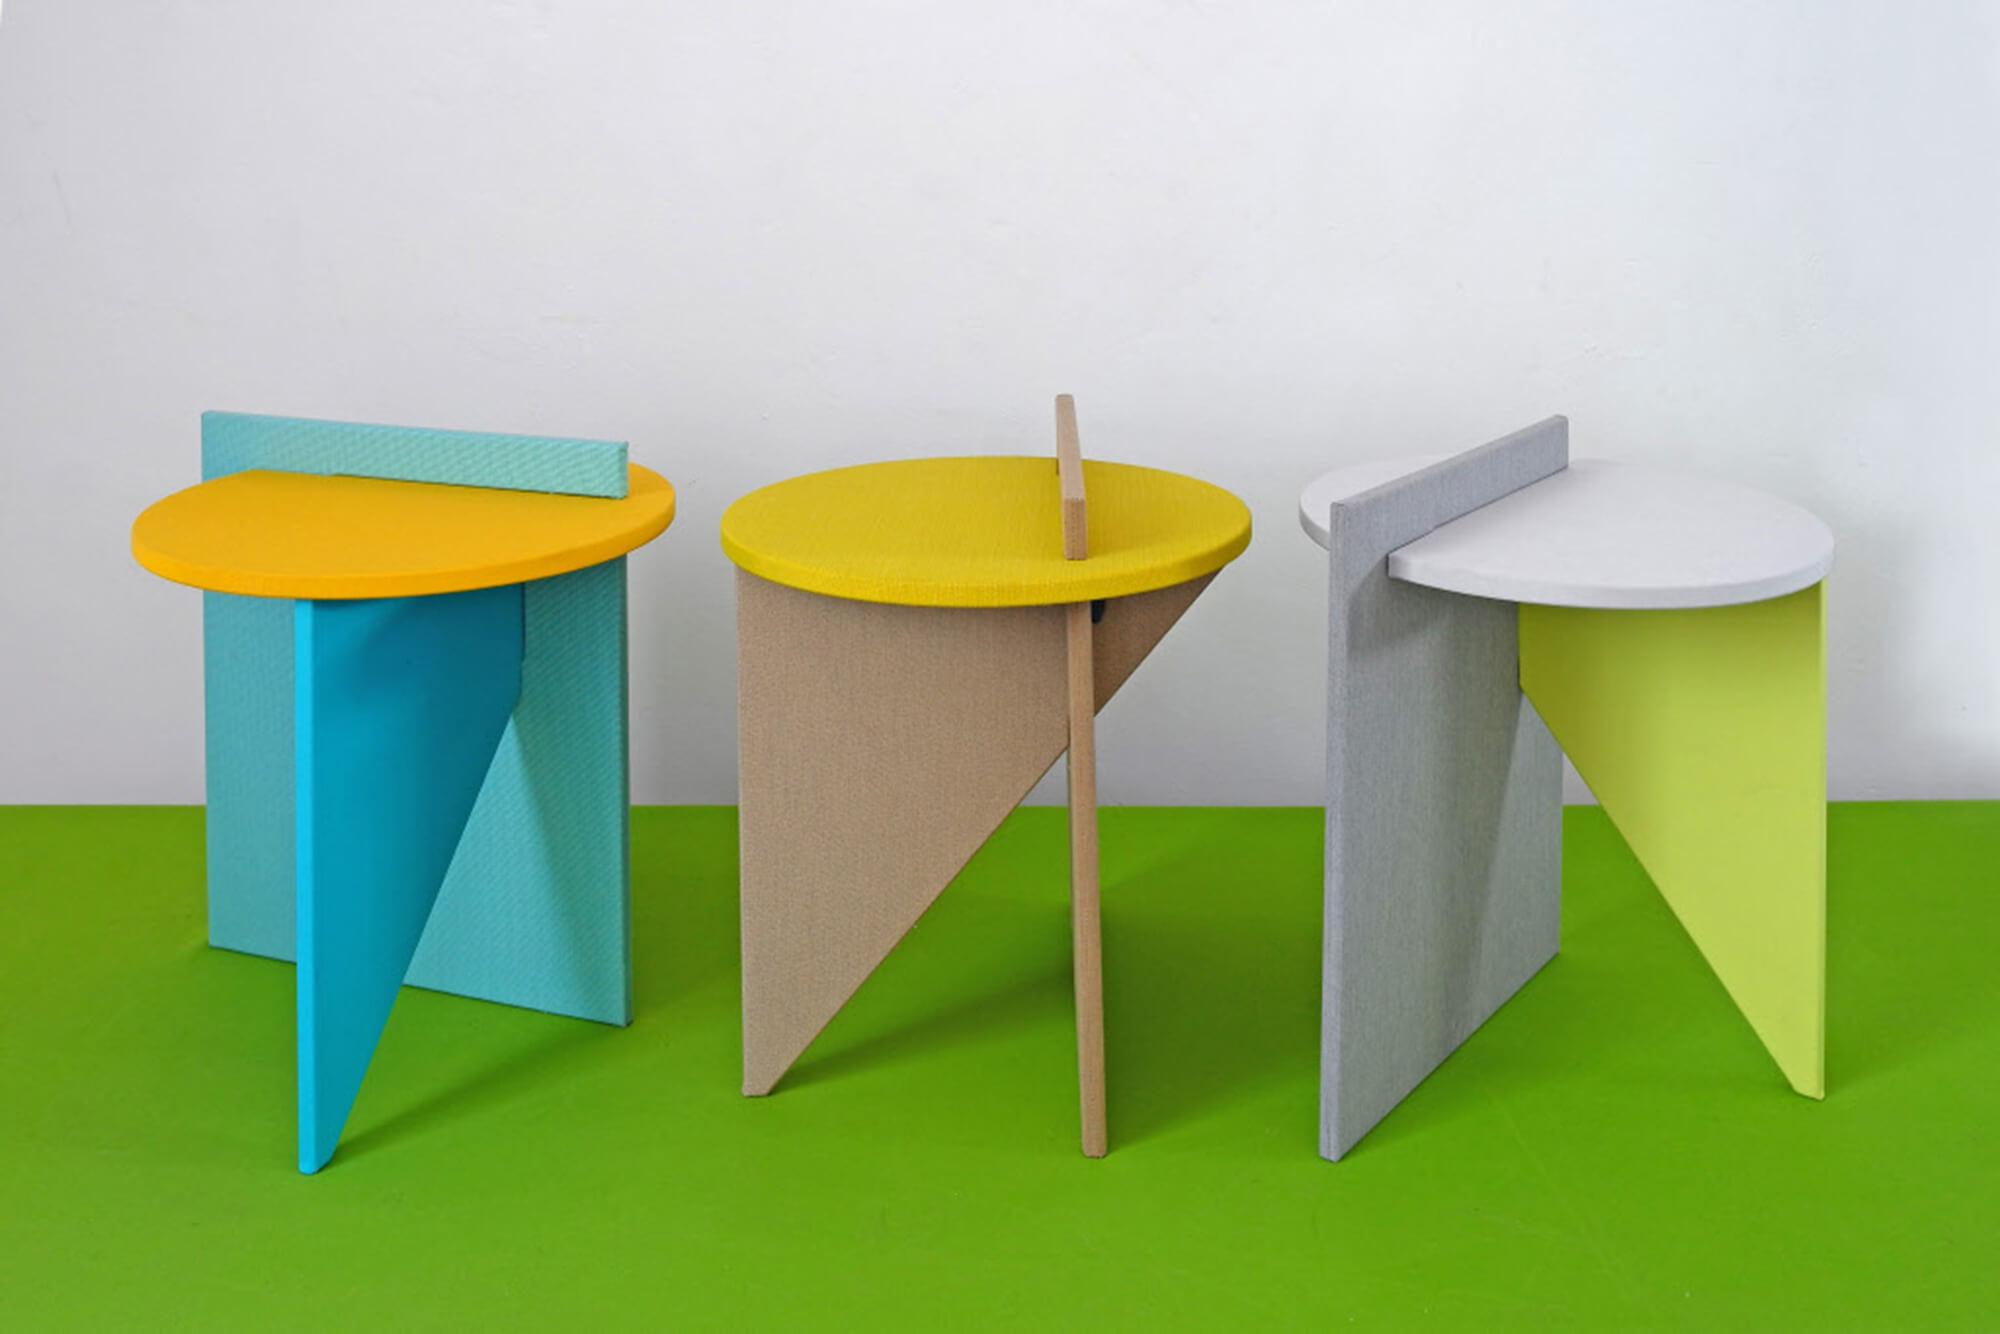 アトリエLavitによる青、黄、緑のサイドテーブル